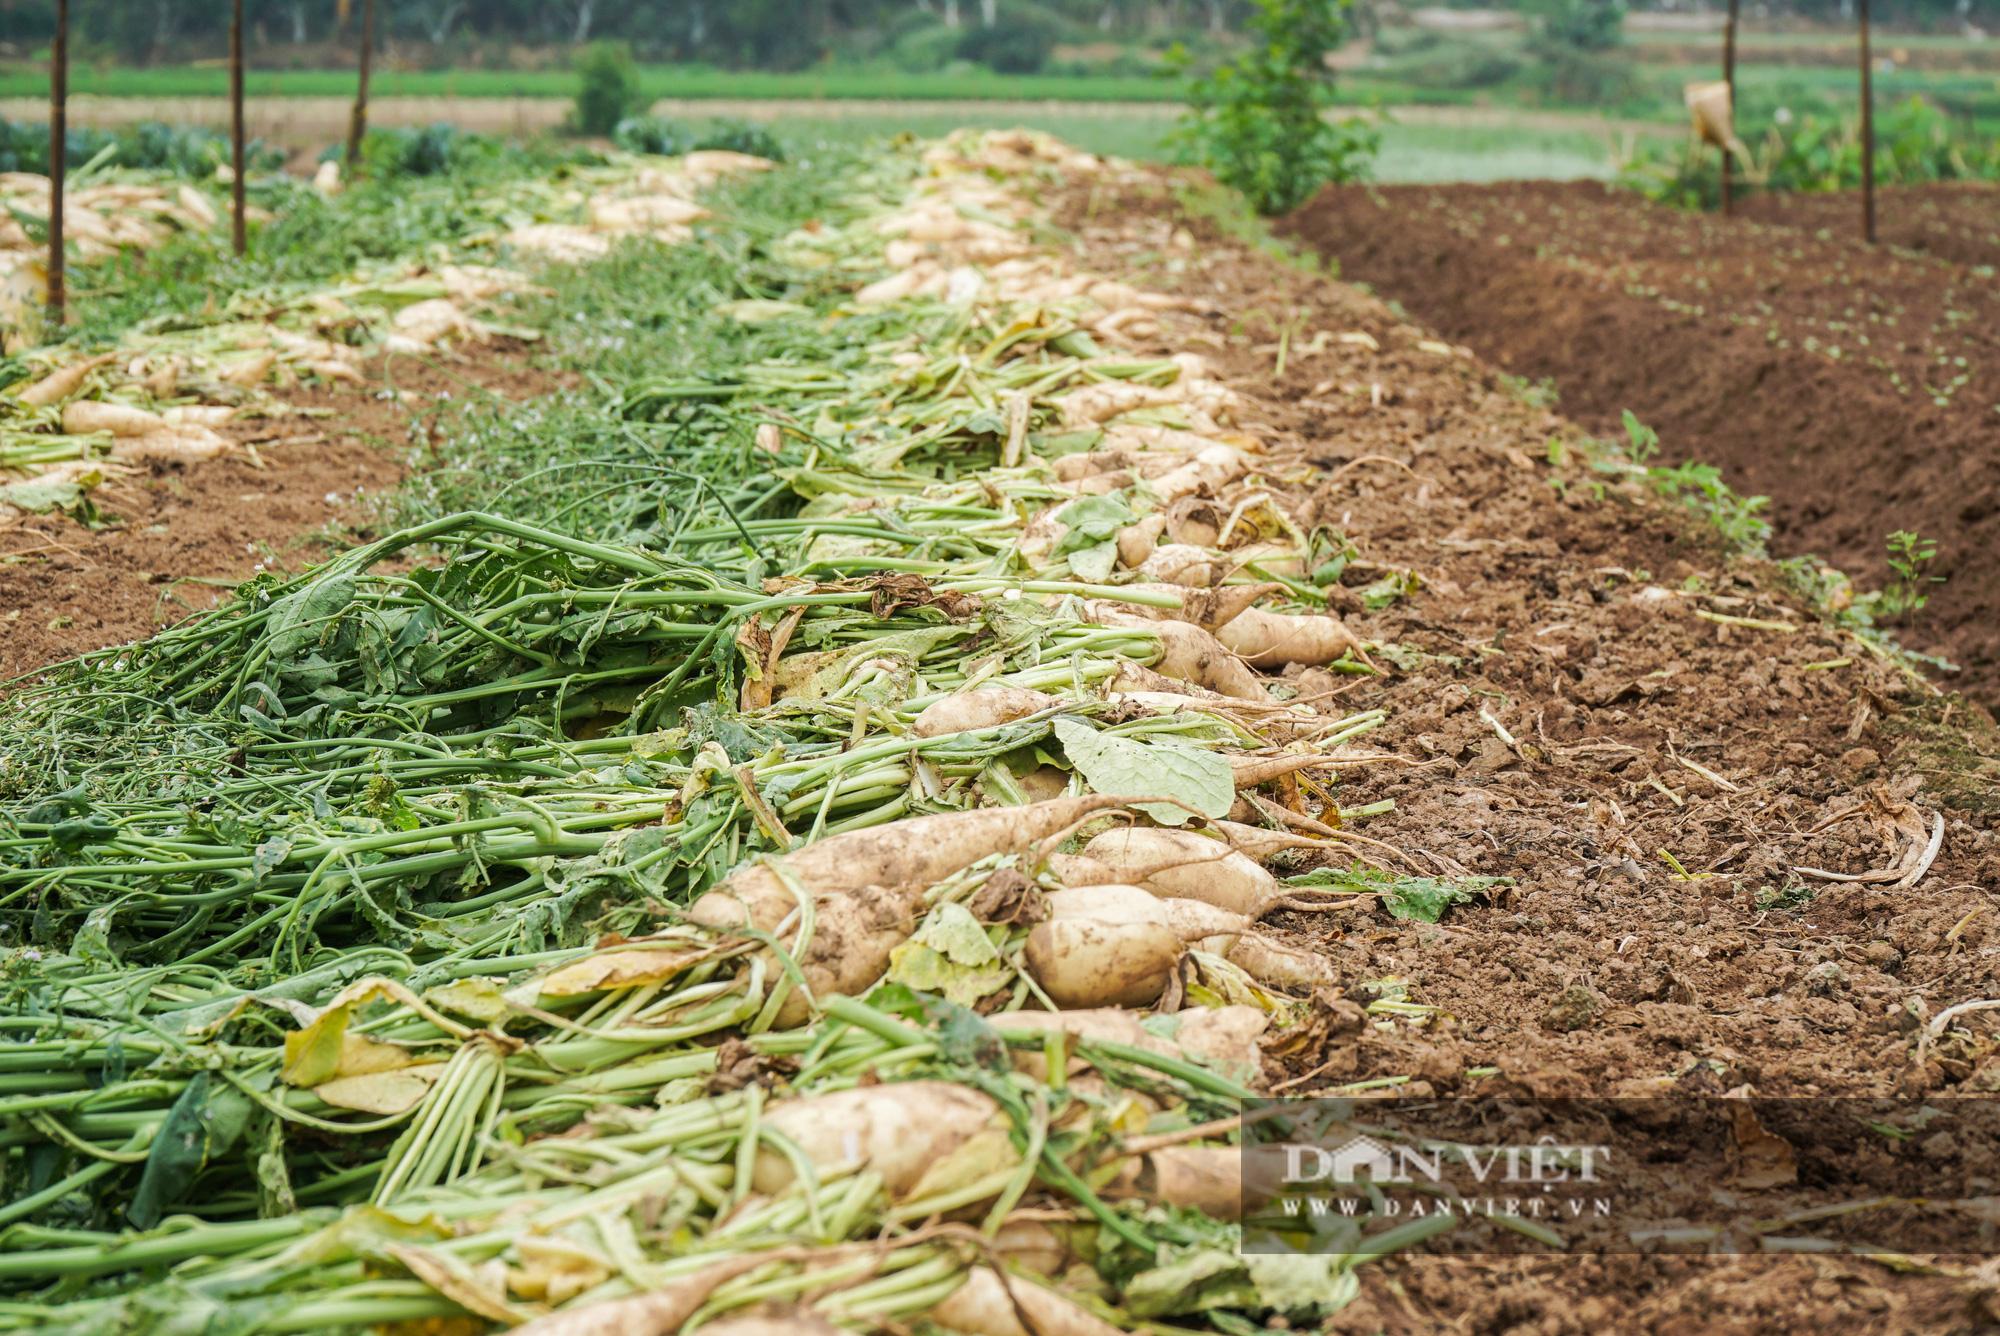 Củ cải thối phơi trắng cánh đồng, cà chua đỏ ửng không ai thu hoạch  - Ảnh 5.